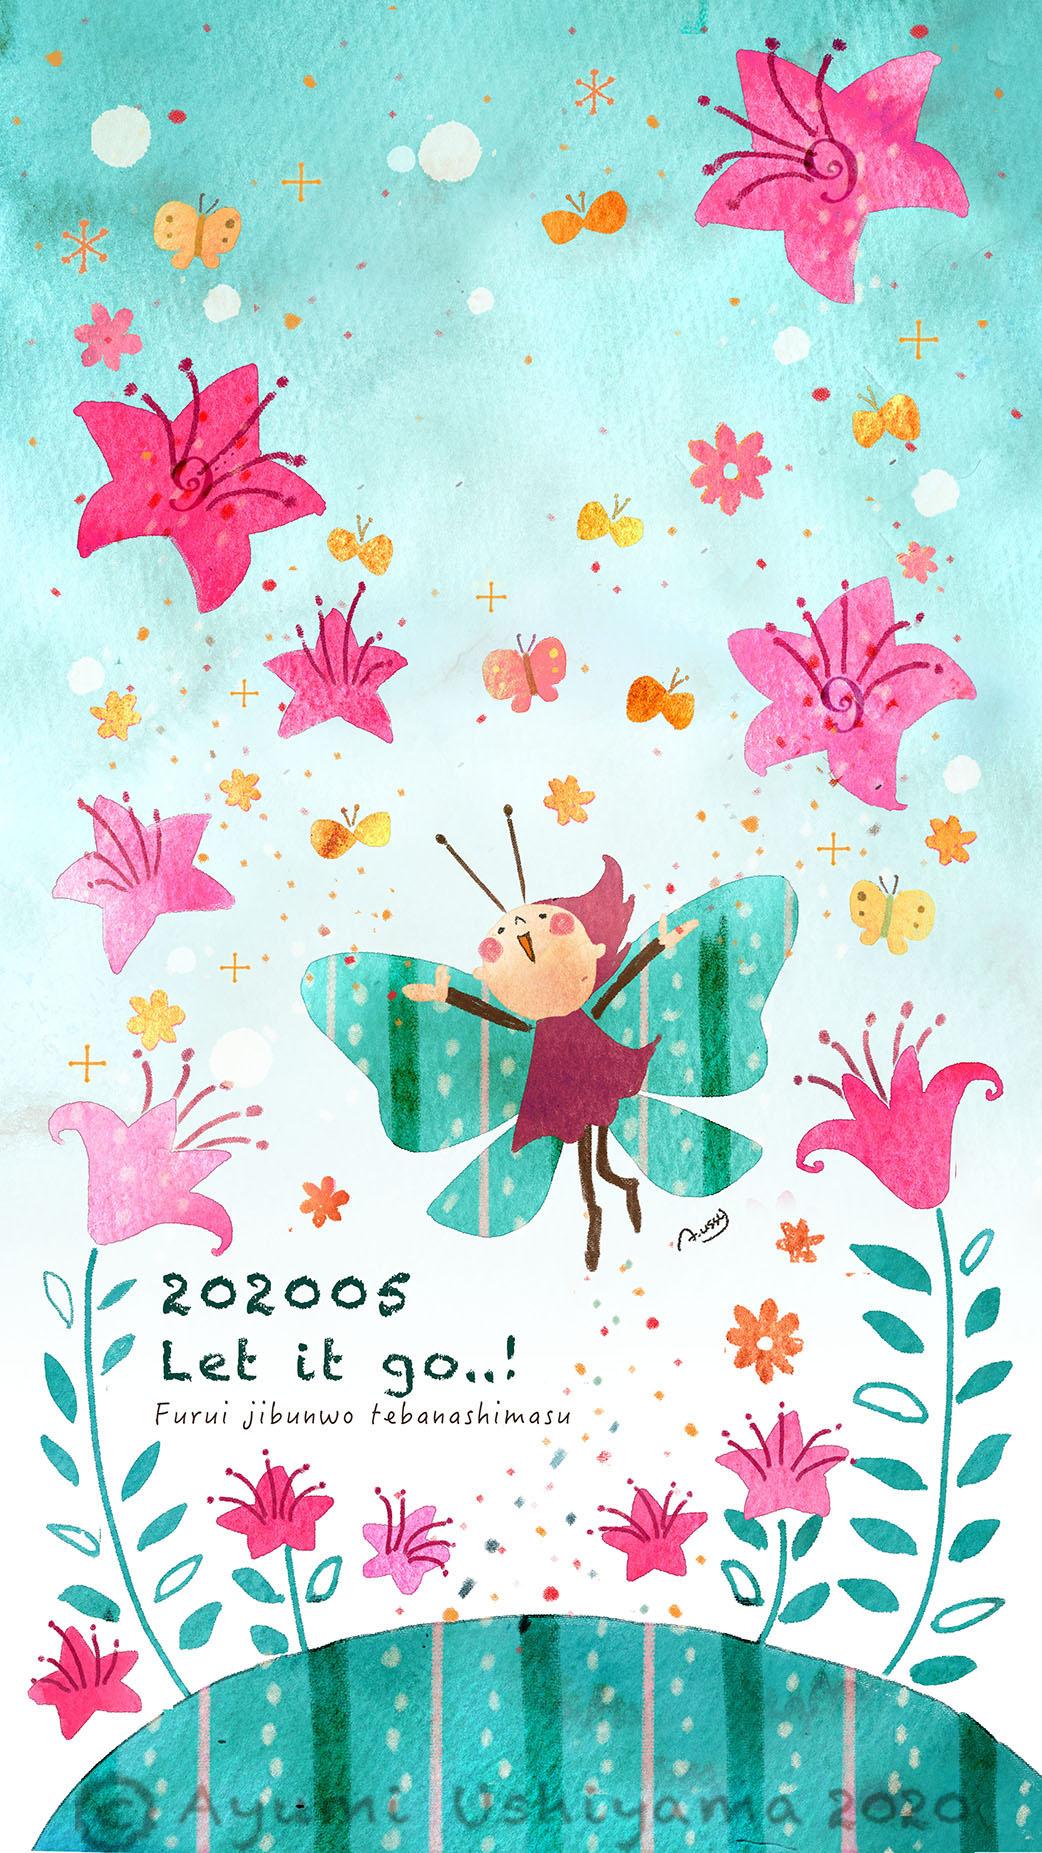 2020.05『Let it go..!』ローマ字